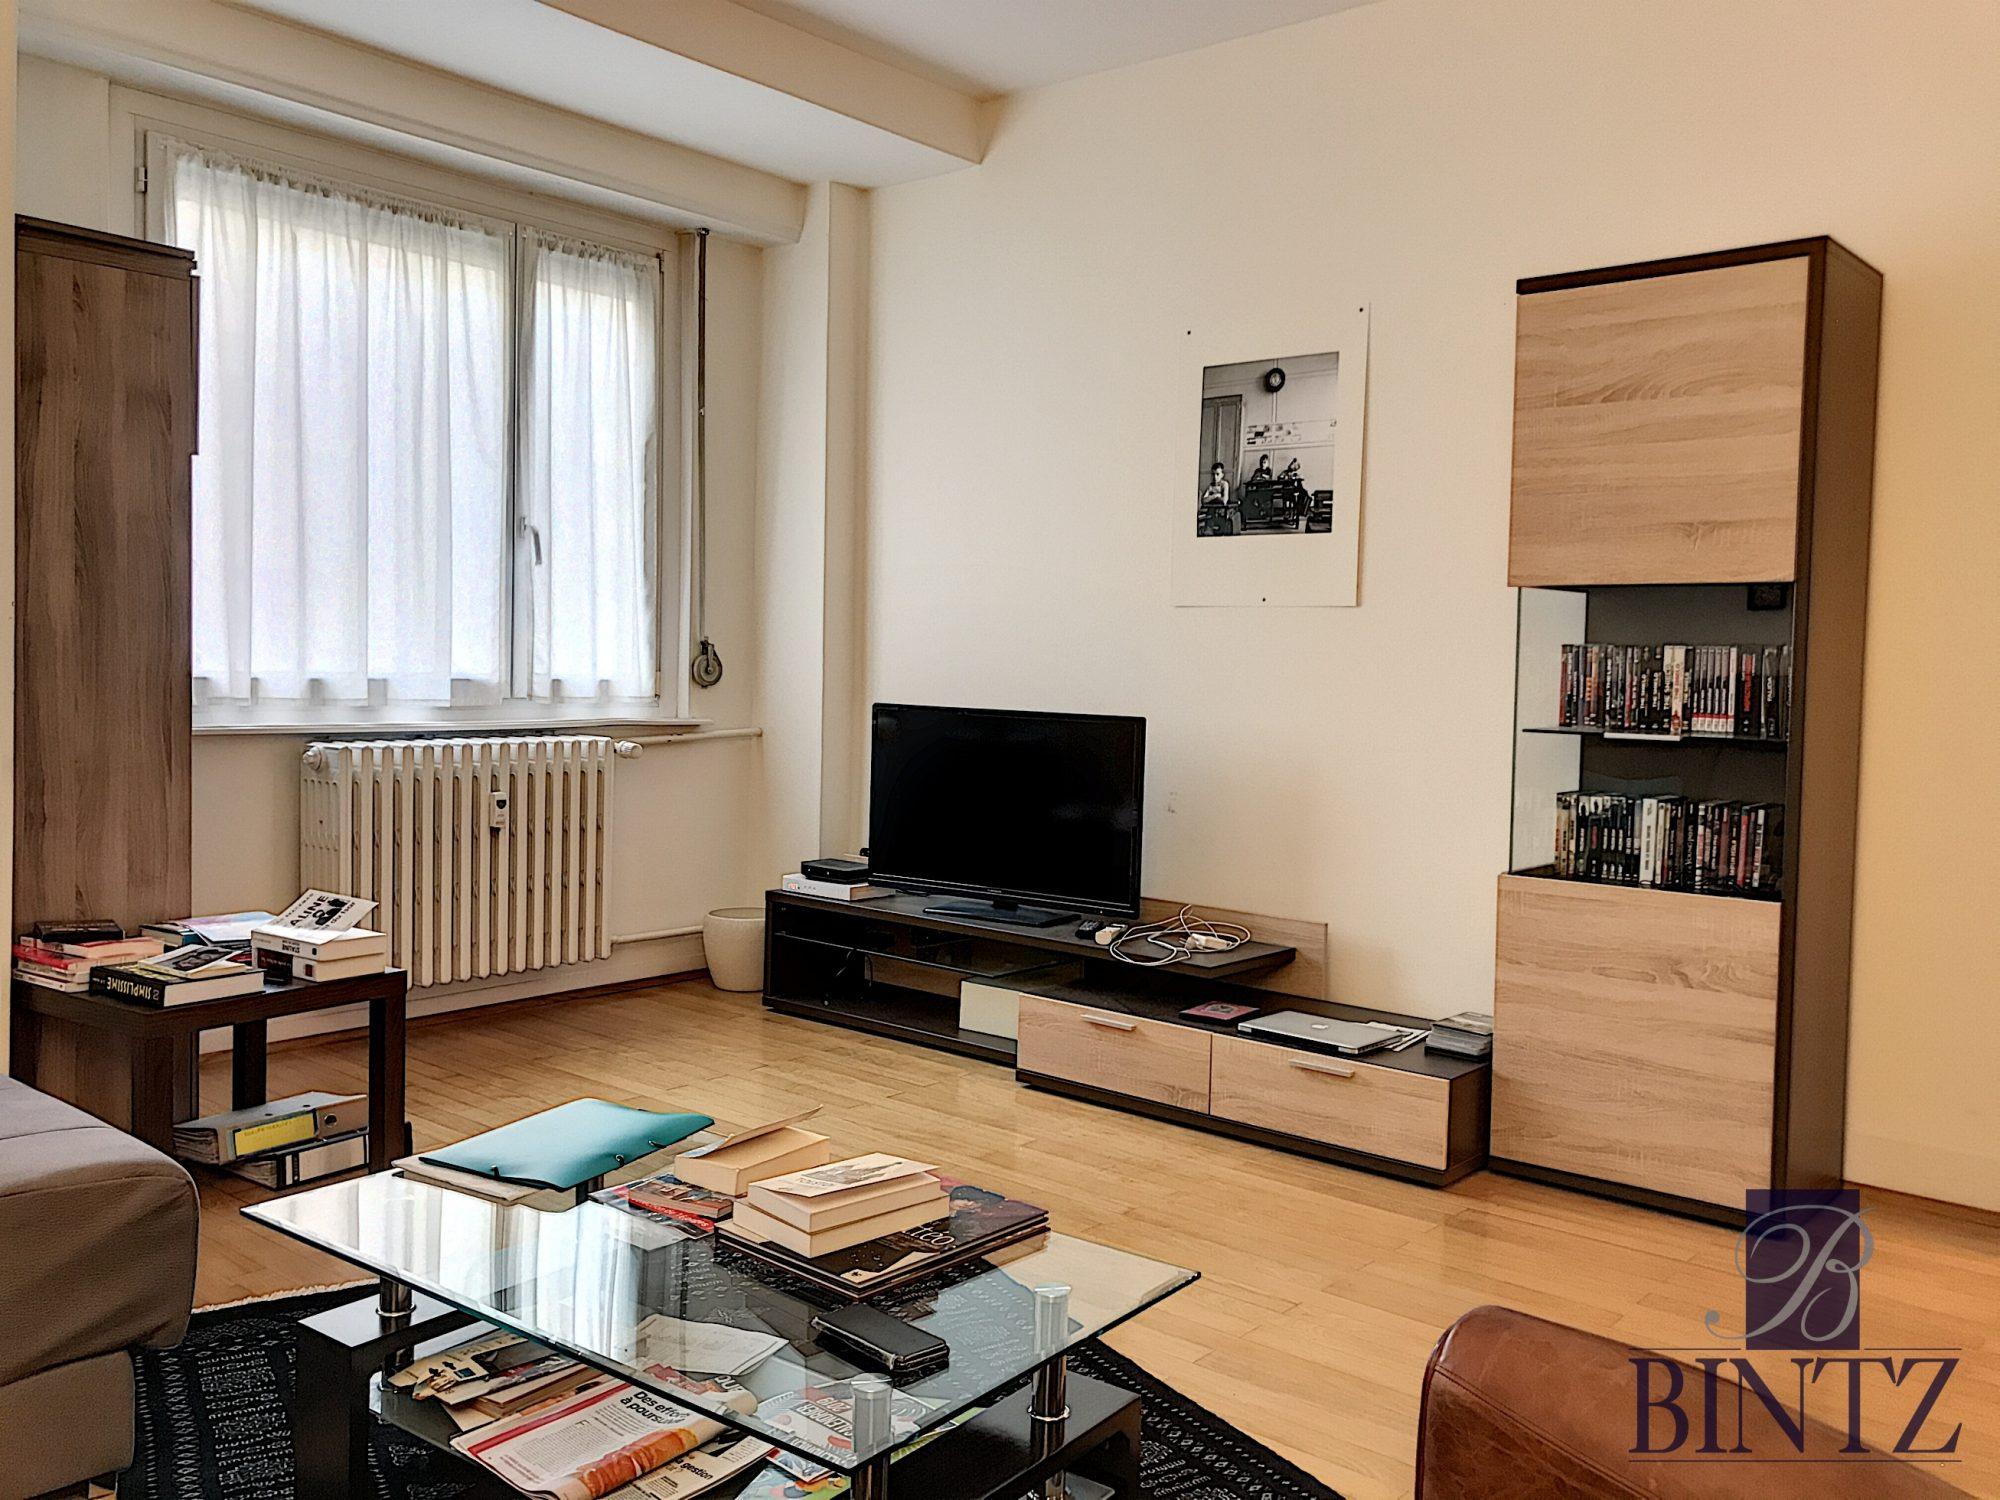 GRAND 2 PIÈCES KRUTENAU - Devenez locataire en toute sérénité - Bintz Immobilier - 3